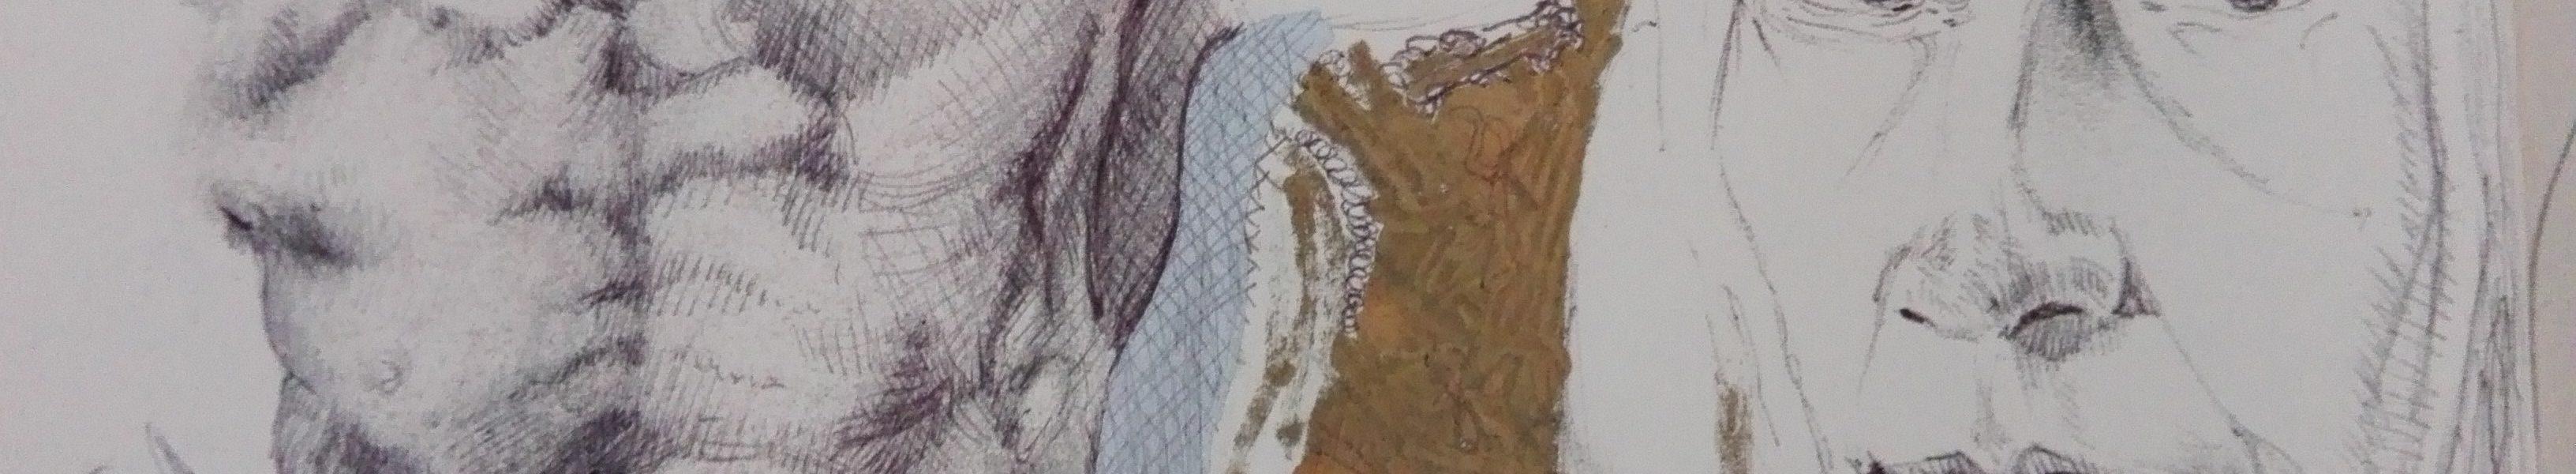 Sandro Ferrucci - inchiostro su carta - anno 1988 - dettaglio da blocco schizzi